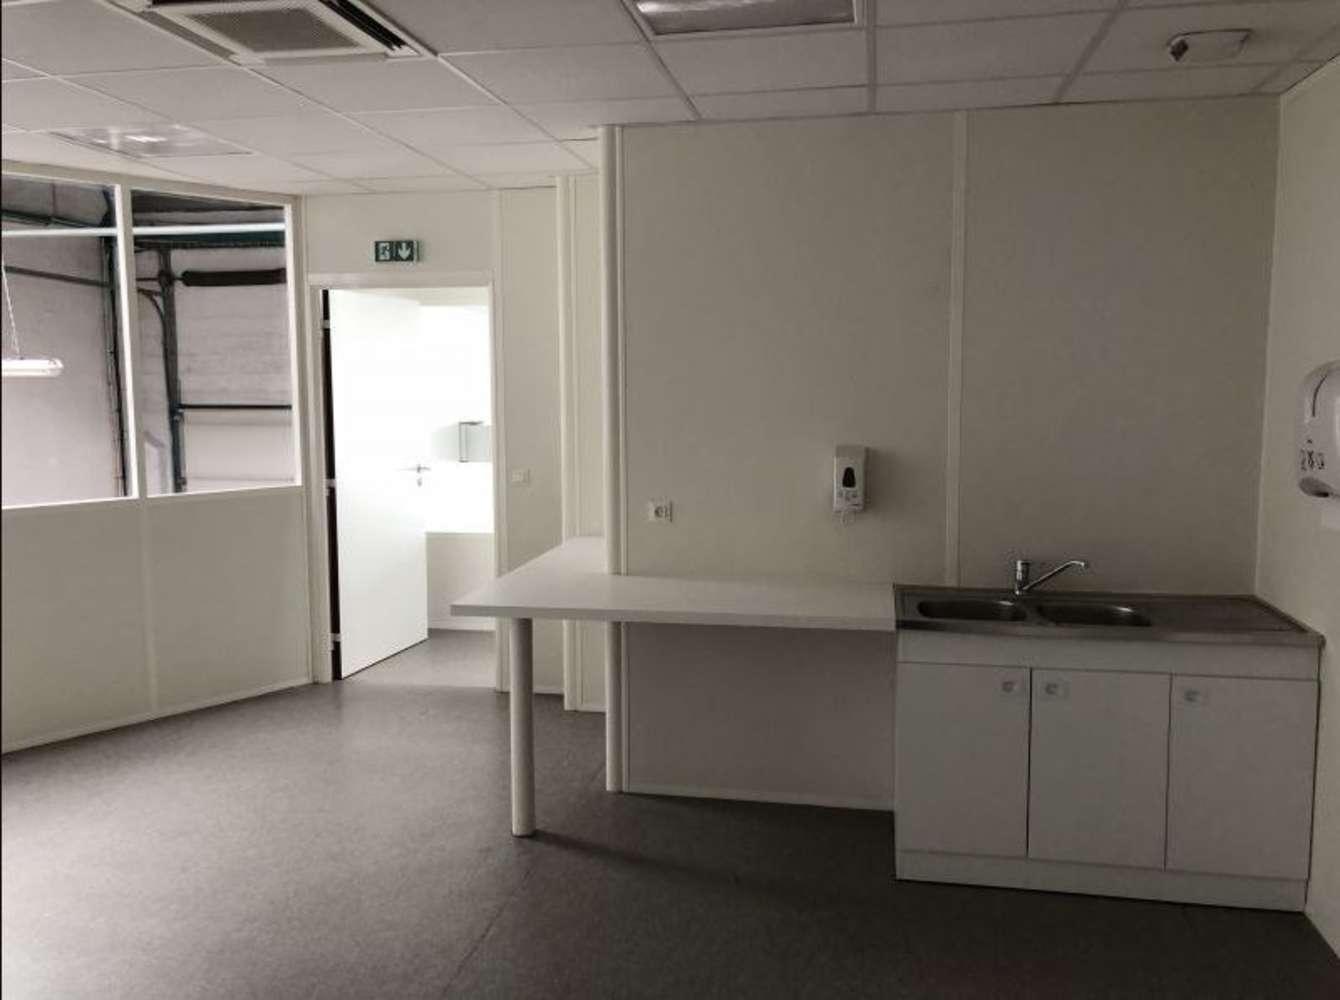 Activités/entrepôt Lyon, 69007 - Location locaux d'activité Lyon 7ème - 9586883